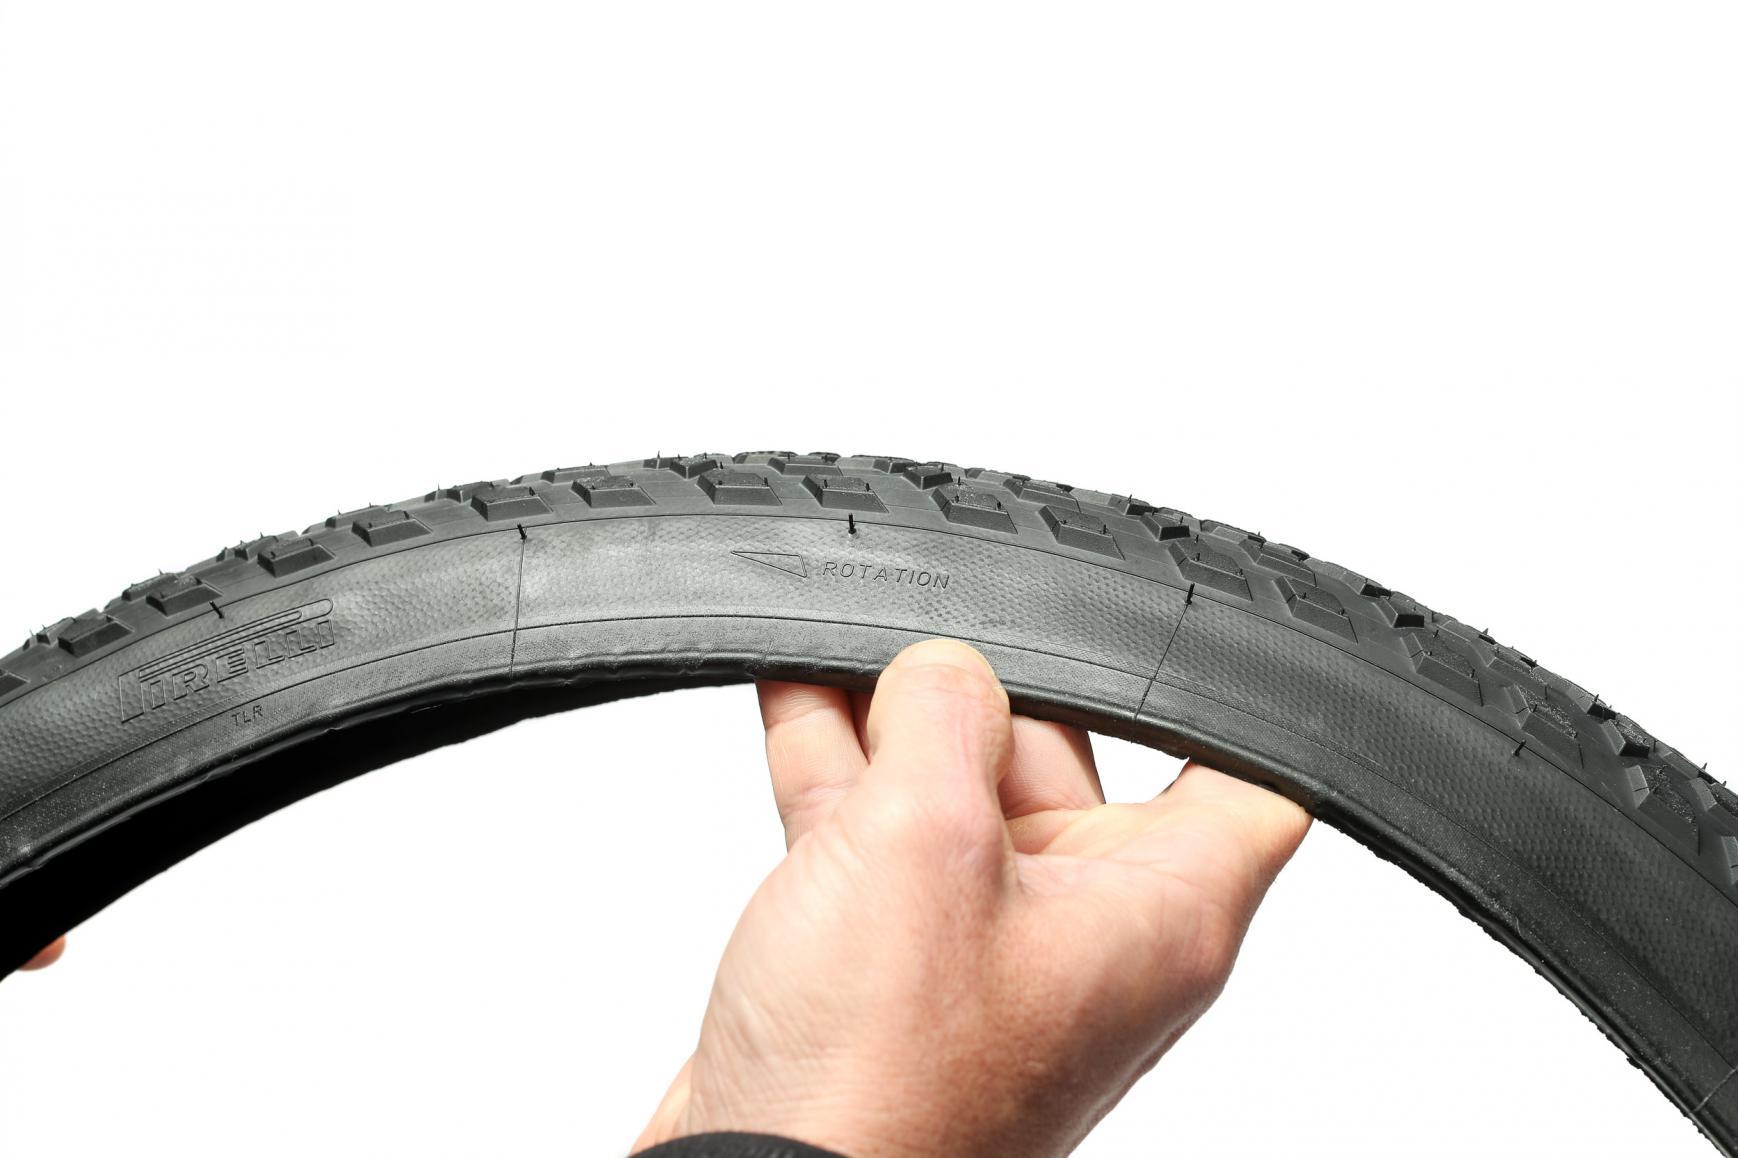 Beim Reifen unbedingt die Laufrichtung beachten, denn ein Fehler hat klebrige Folgen.